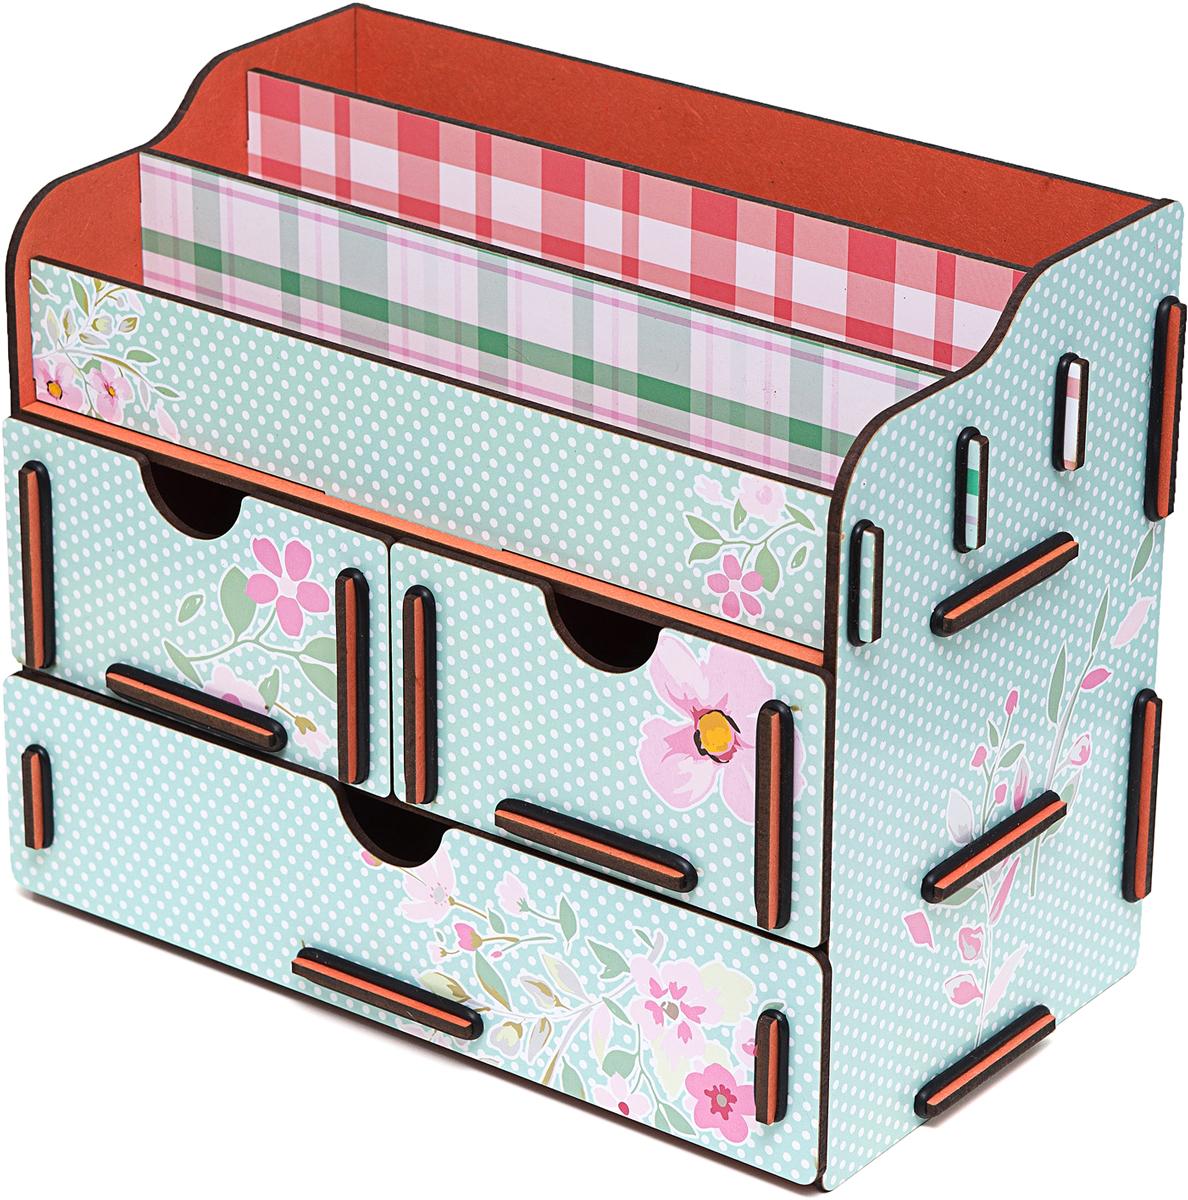 Органайзер Homsu Ранние цветы, для косметики и украшений, 23 х 14,5 х 19 смHOM-741Органайзер для косметики и украшений благодаря двум маленьким ящикам размером 11Х14, 5см и одному большому ящику размером 22Х14, 5см позволяет разместить все самое необходимое для женщины и всегда иметь это под рукой. Этот оригинальный сундучок имеет также 3 полочки сверху для хранения косметики, парфюмерии и аксессуаров, его можно поставить на столе, он станет отличным дополнением интерьера. 230х145х190